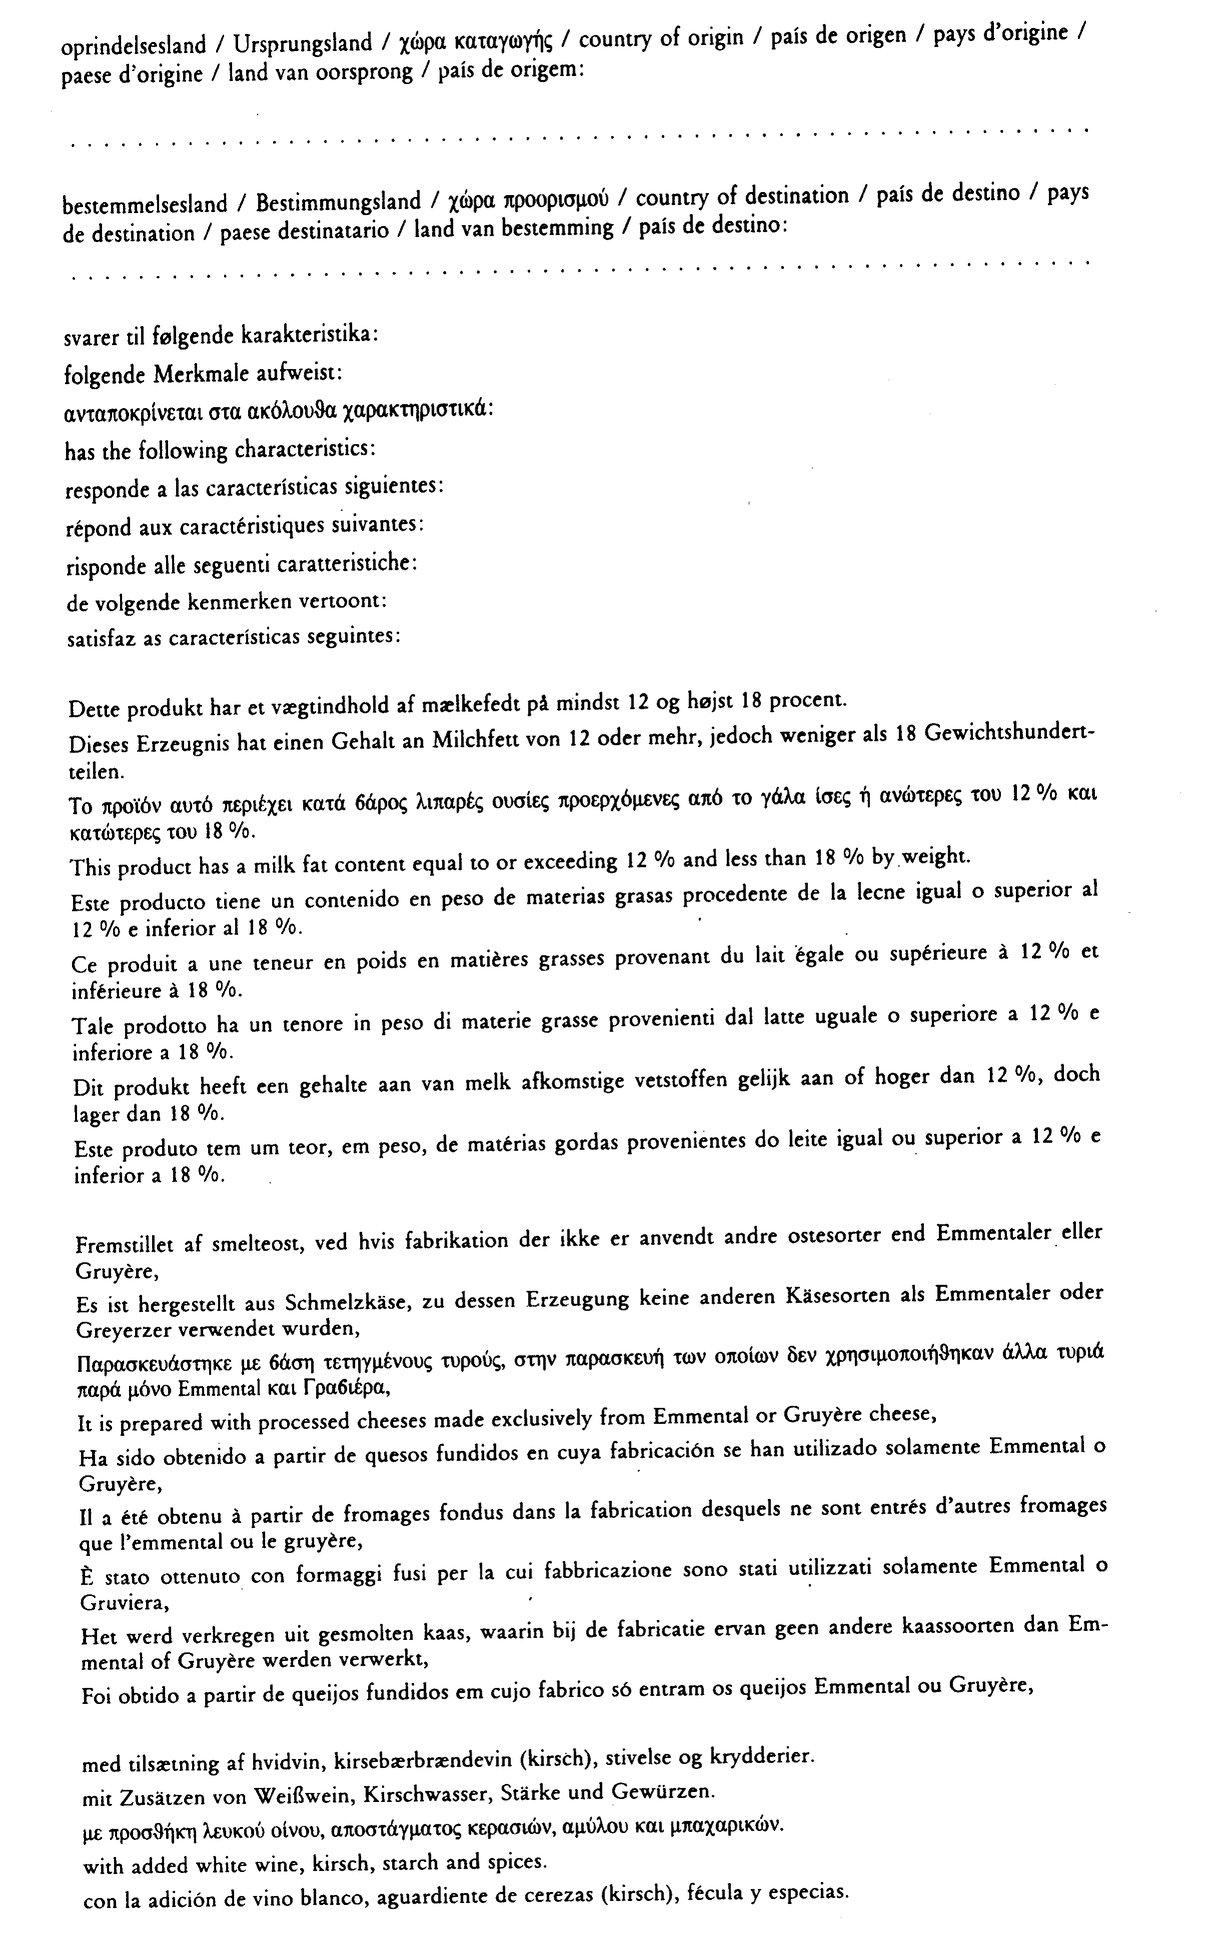 6d2ce49627 EUR-Lex - 11985I ACT - EN - EUR-Lex